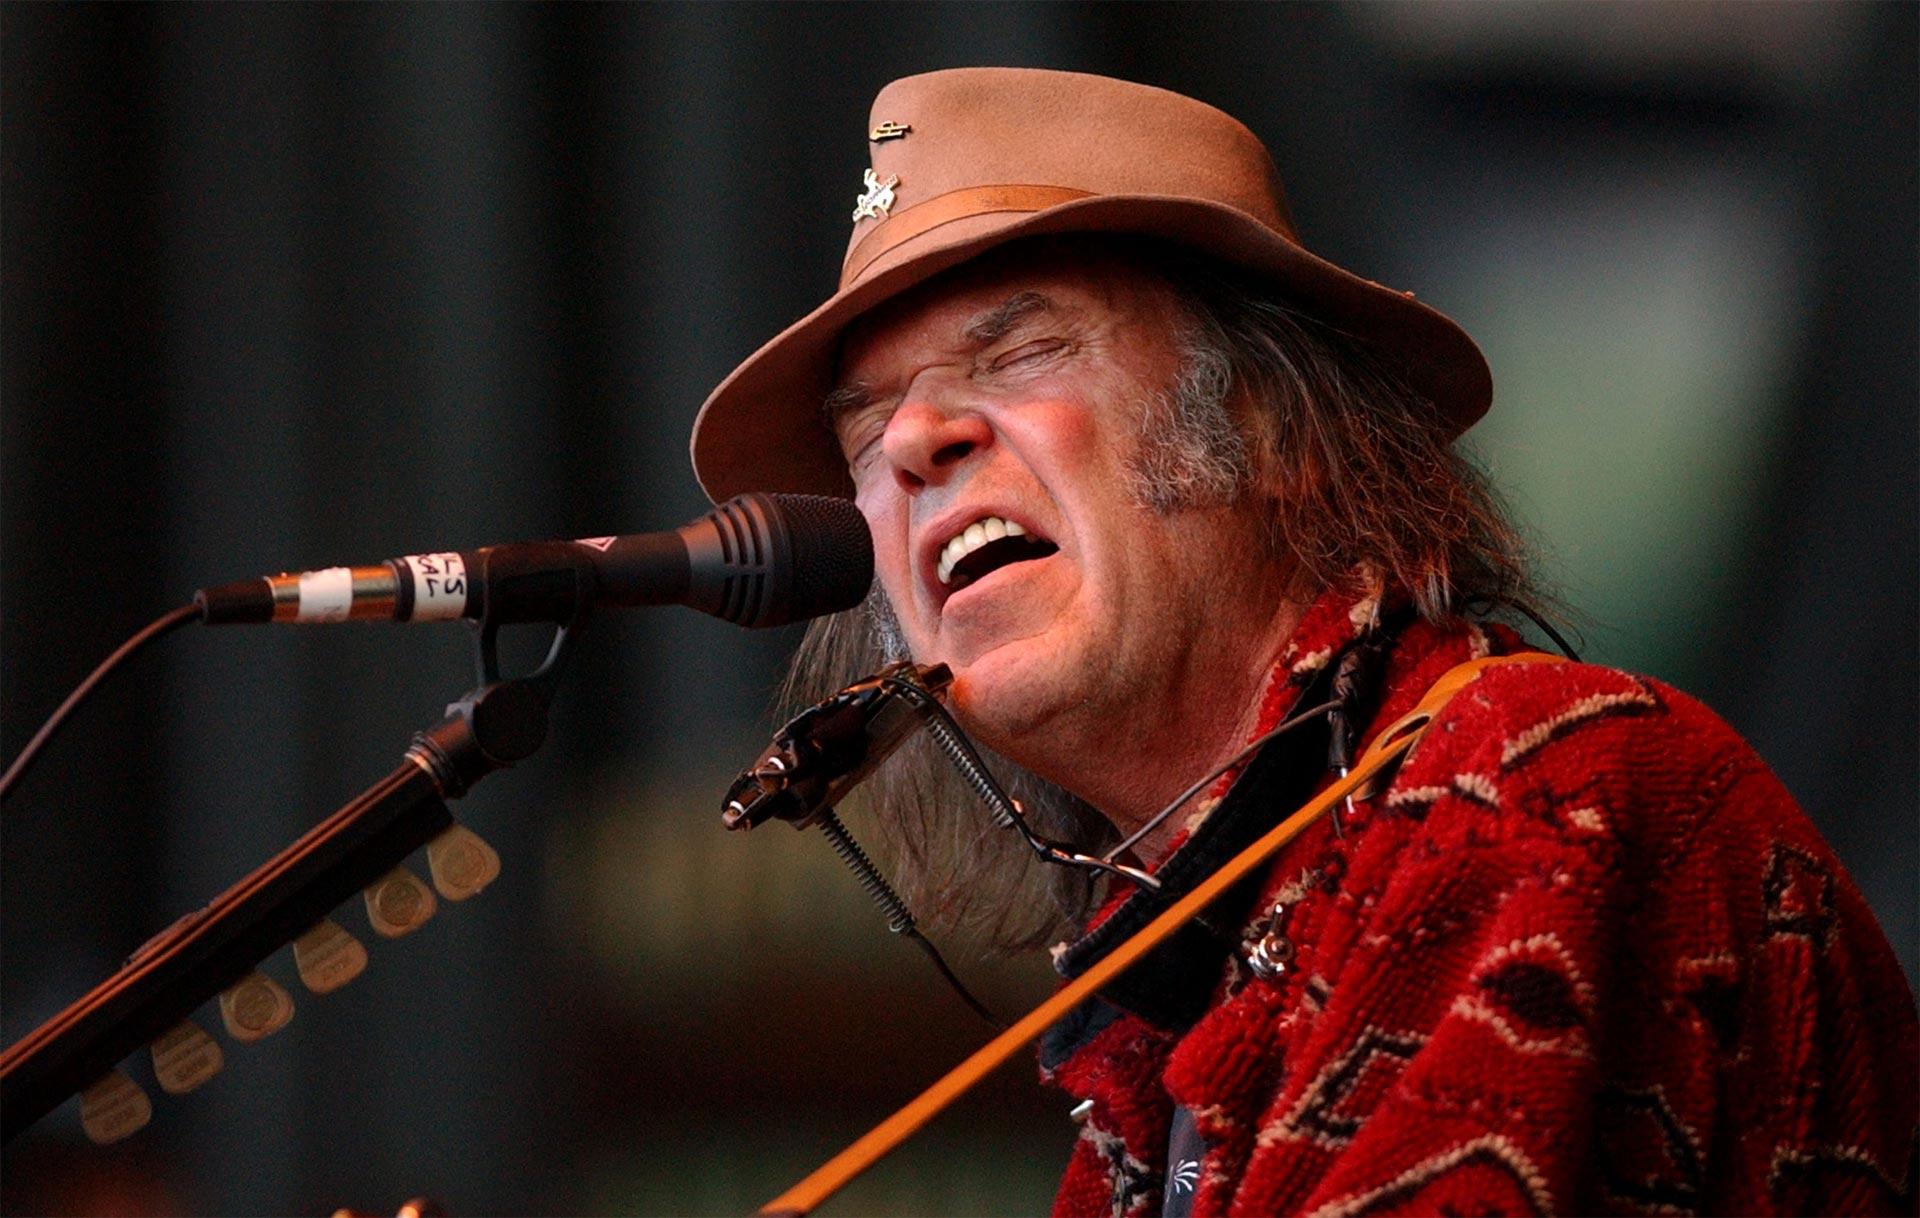 Para resguardar la calidad, Neil Young promovió Pono, su plataforma de alta resolución para escuchar música, sin éxito